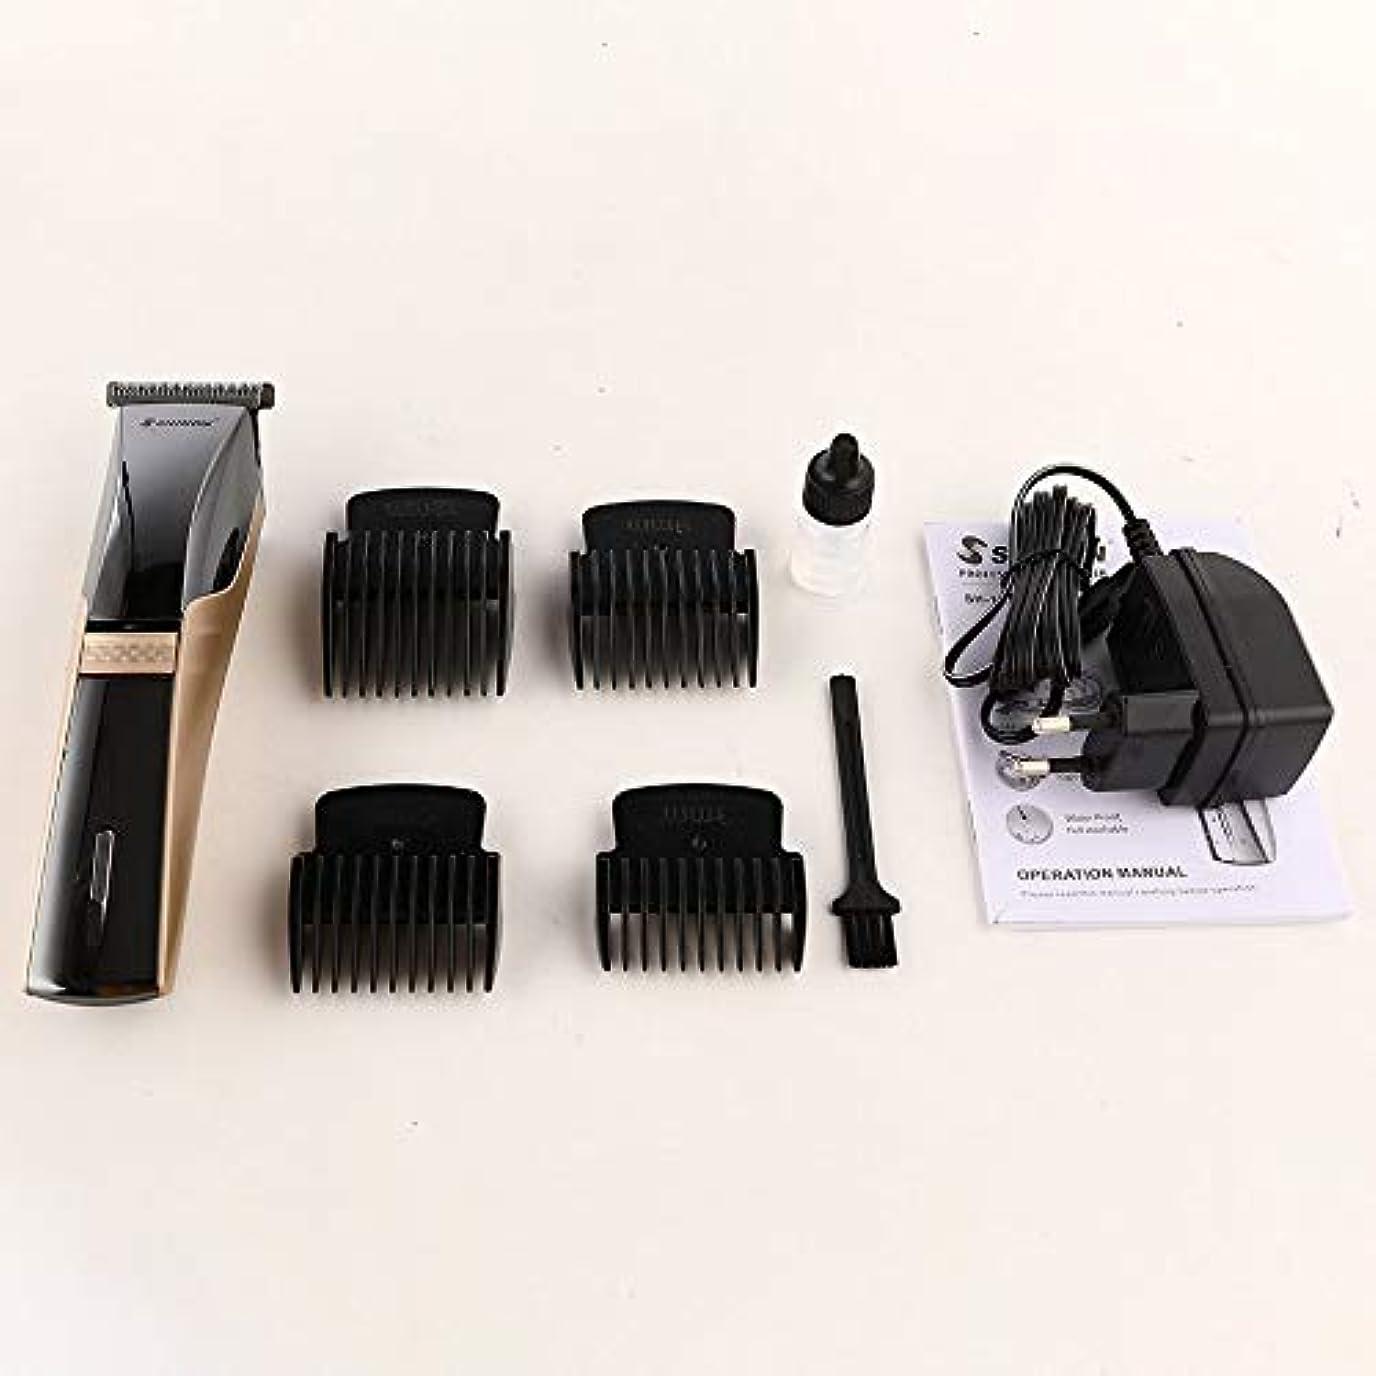 抜本的なパンツ寛大さSHINON SH-1870電動バリカン充電式ウォッシャブルヘアカッタートリマーガイド付き櫛ユニバーサル理髪散髪ツール